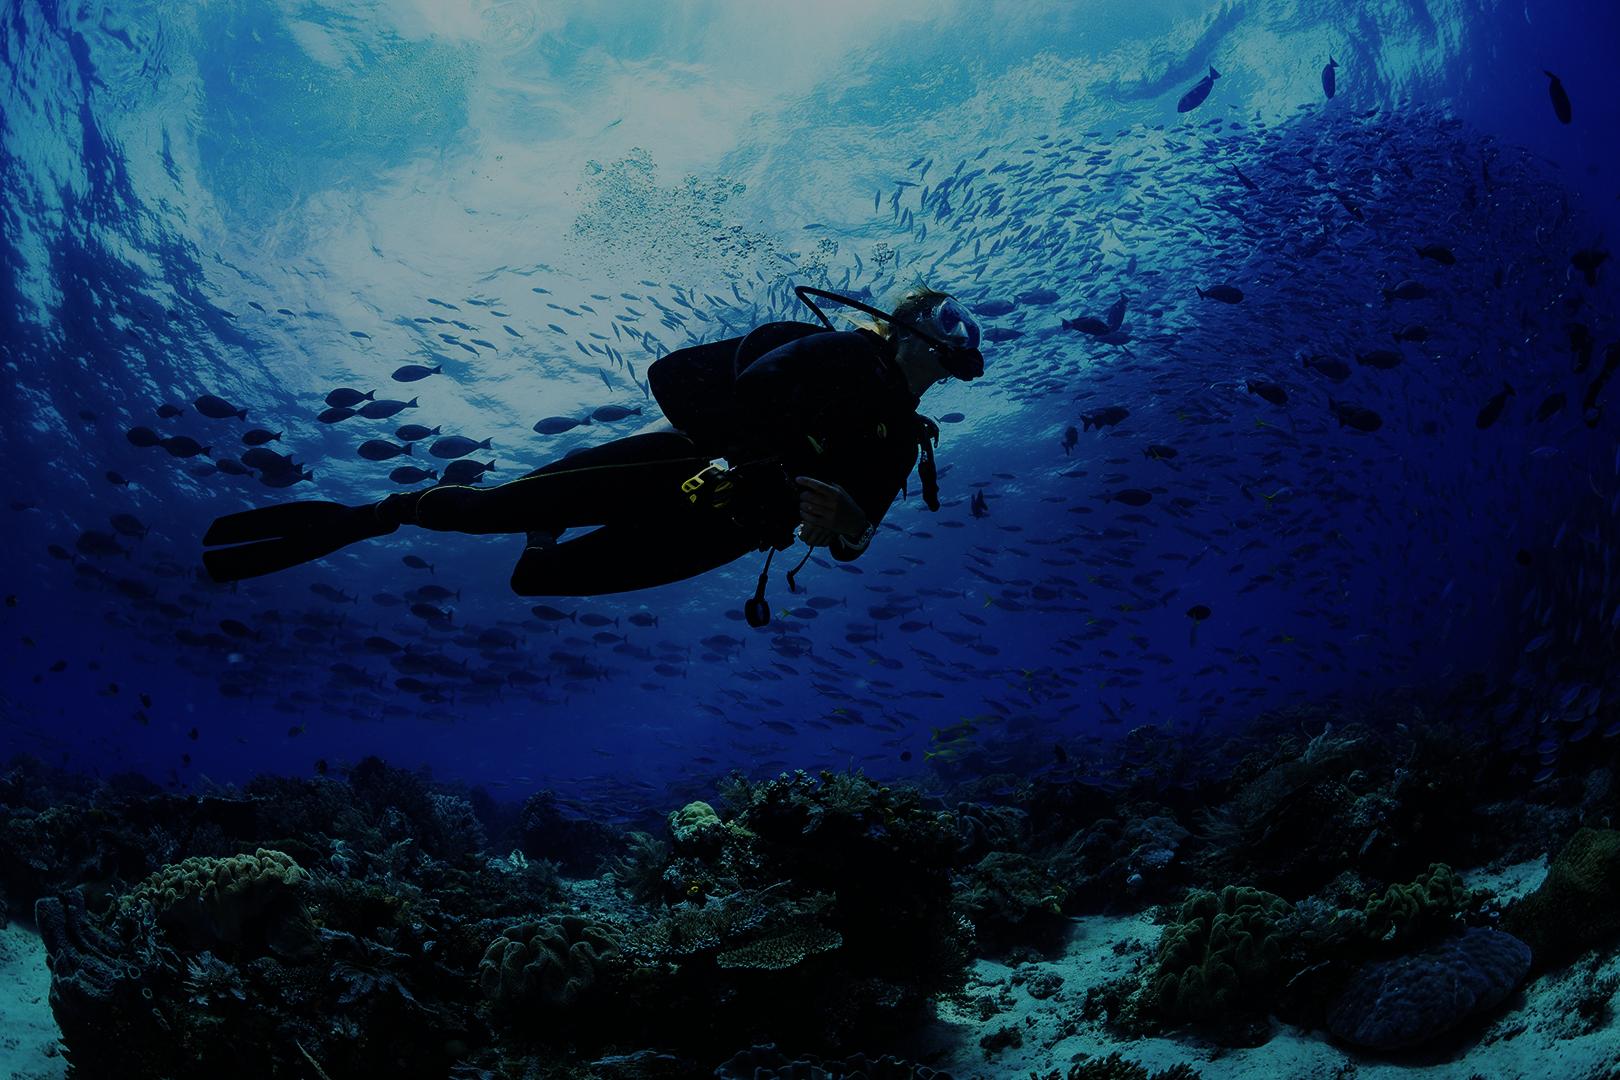 Nettoyer les océans c'est pas la mer à boire